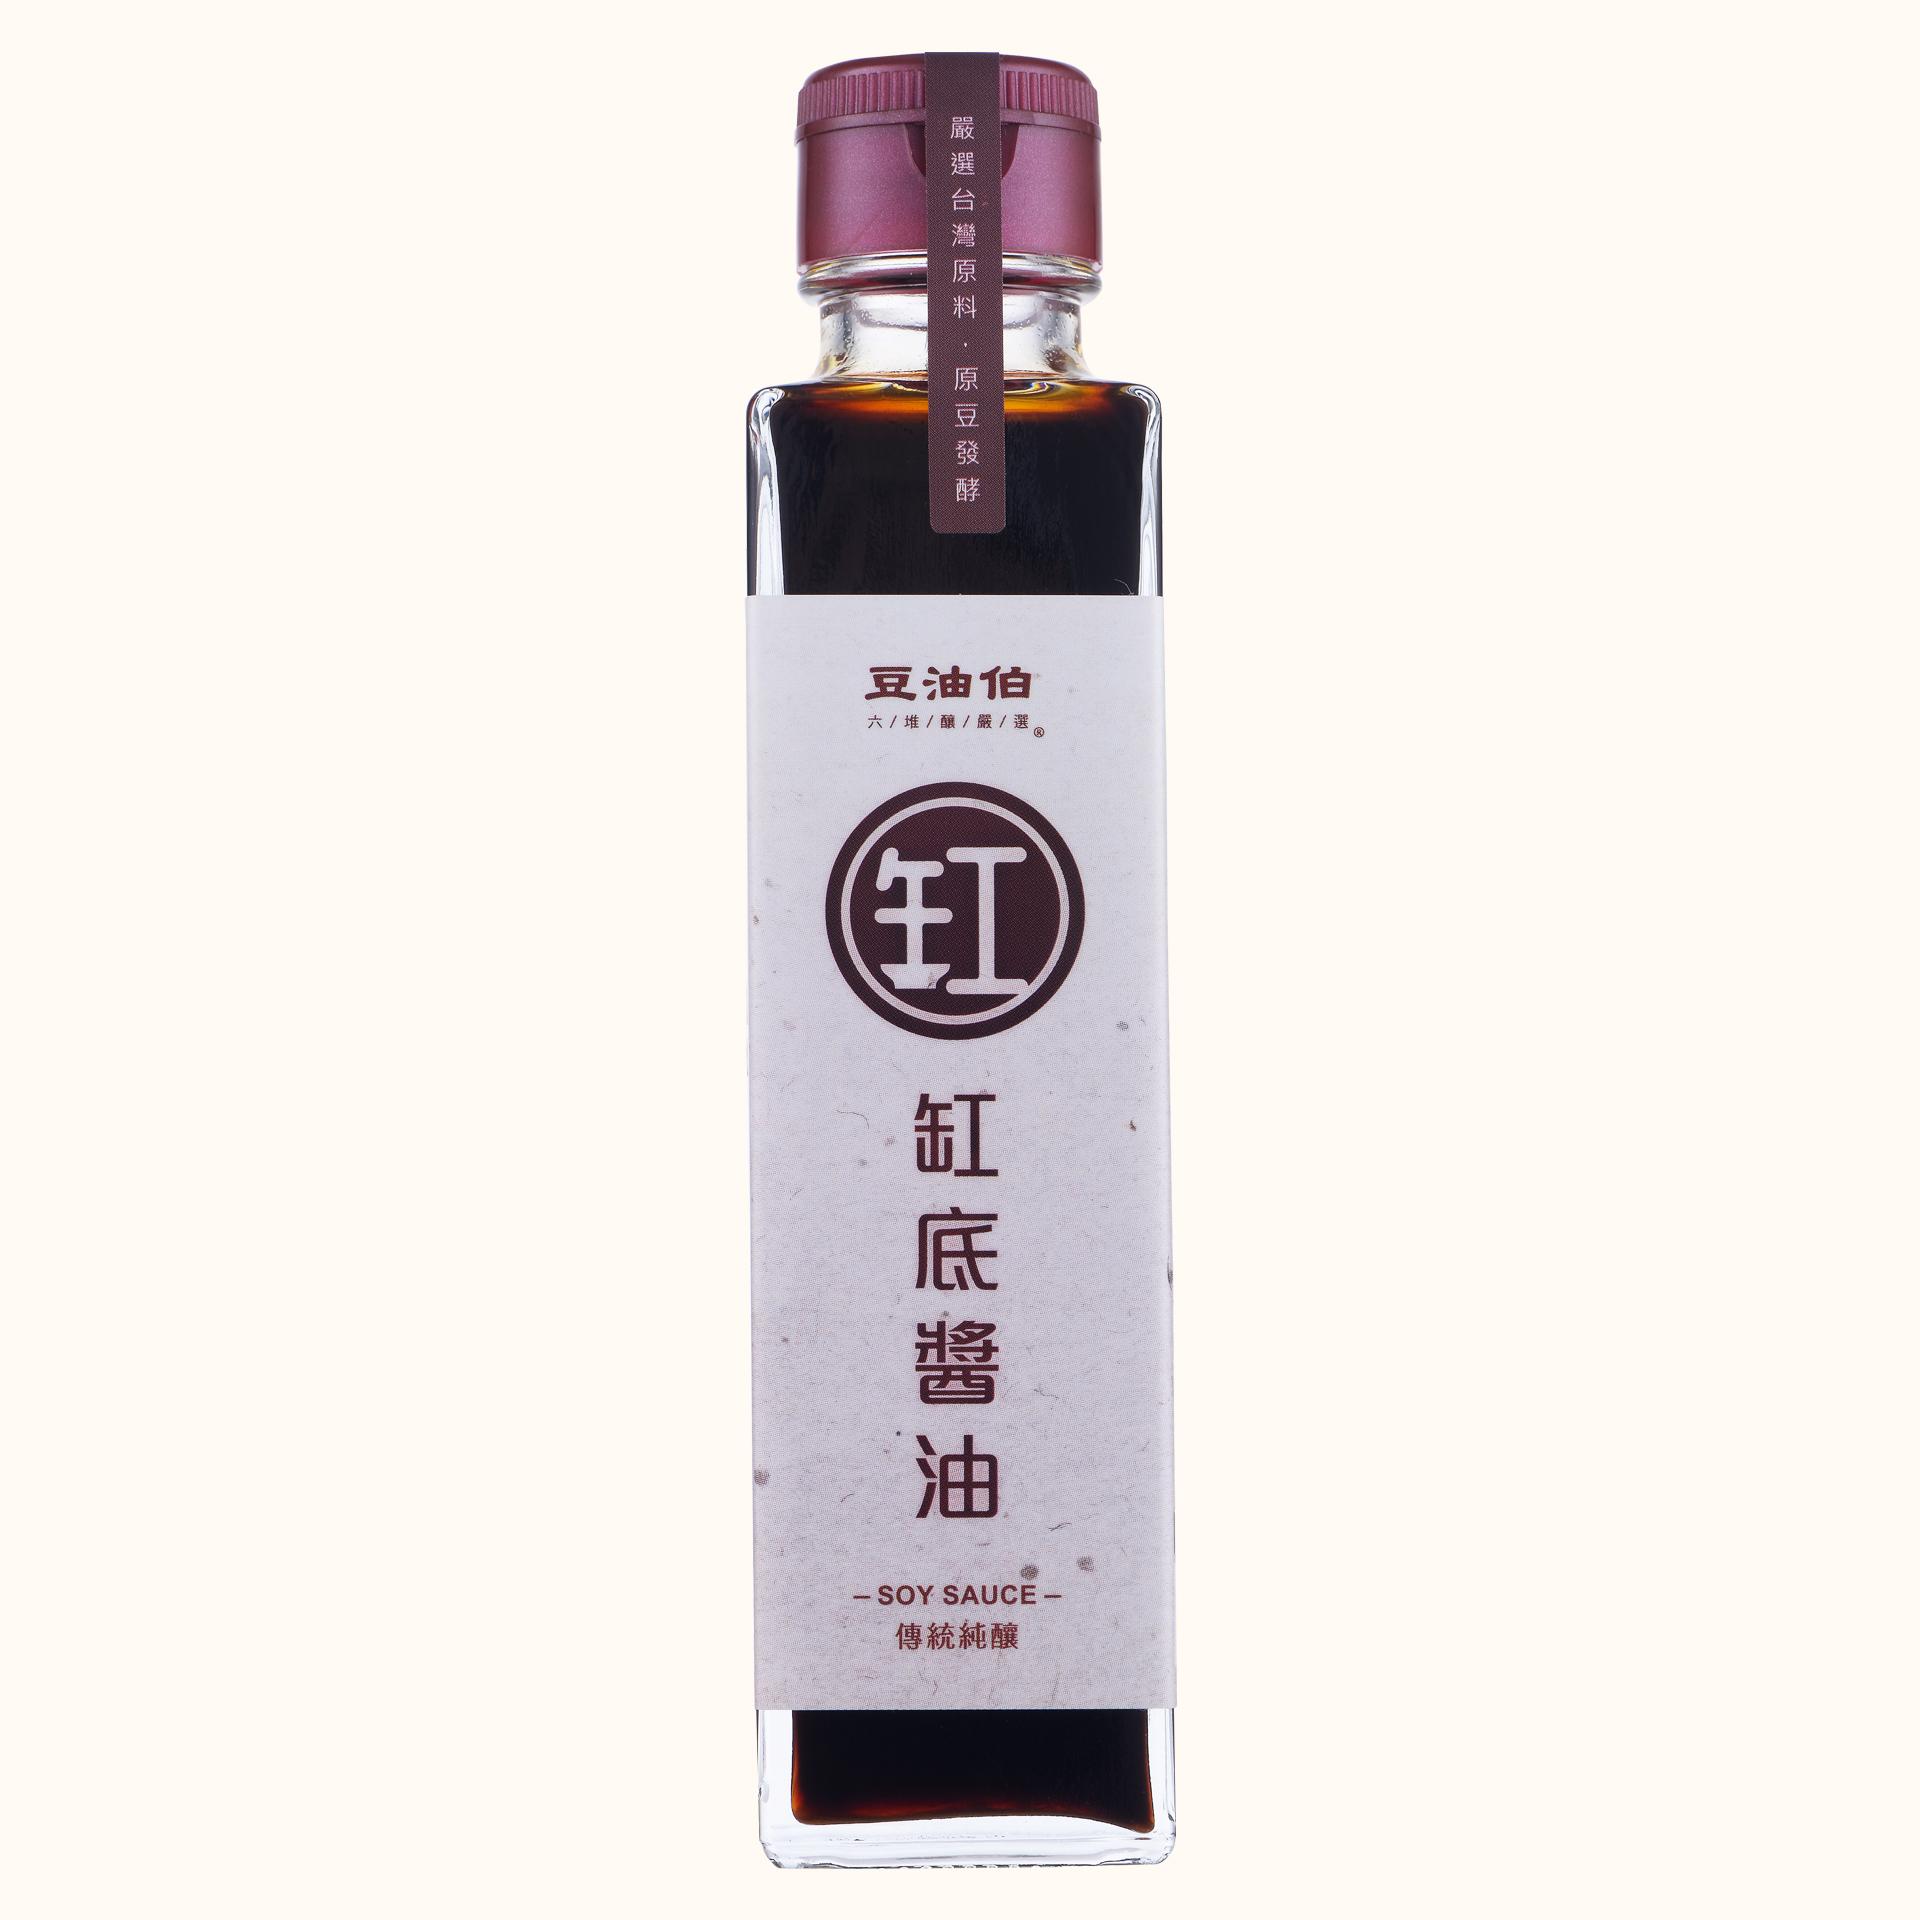 【短效品】缸底醬油日式瓶150ml(效期:20190225-20210224)